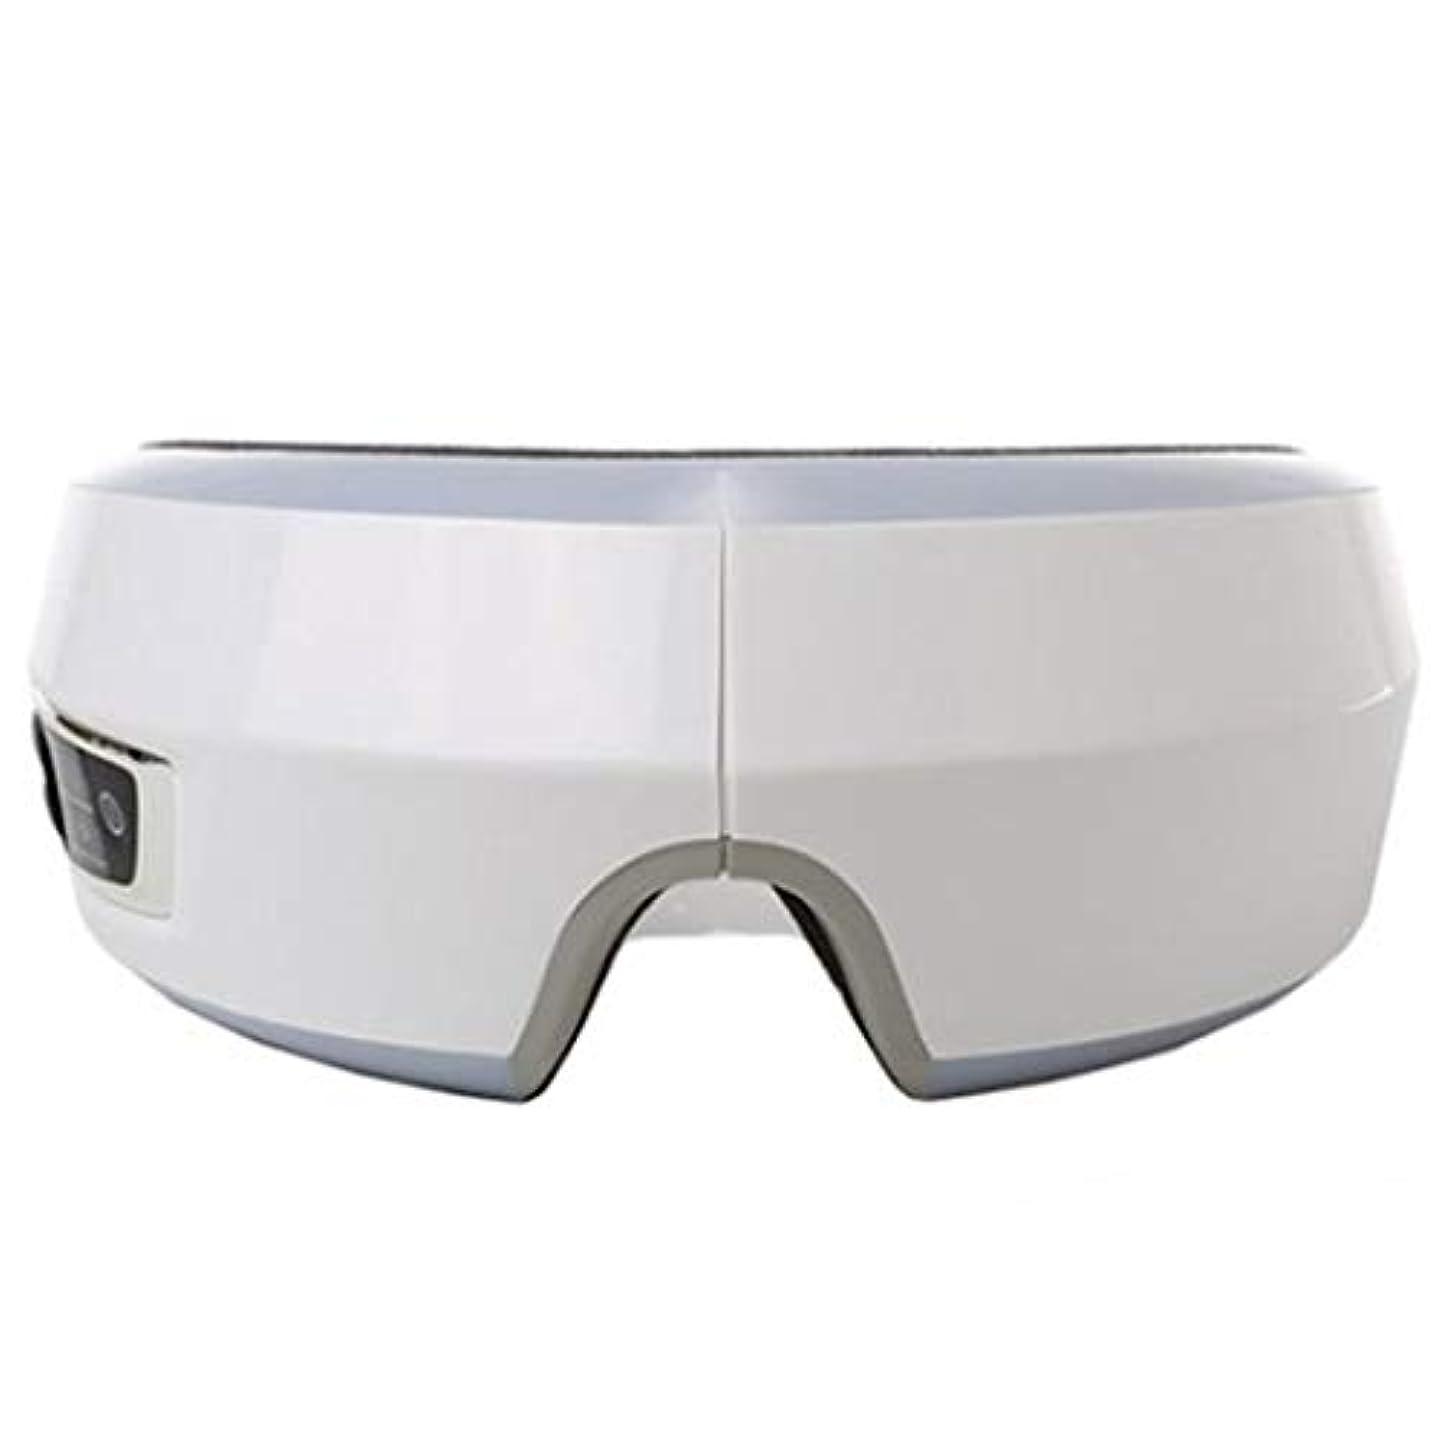 鯨擬人乳白ZESPAアイヒーリングソリューションアイマッサージャー振動加熱マッサージ音楽機能ZP441 ZESPA Eye Healing Solution Eye Massager Vibration Heating Massage...